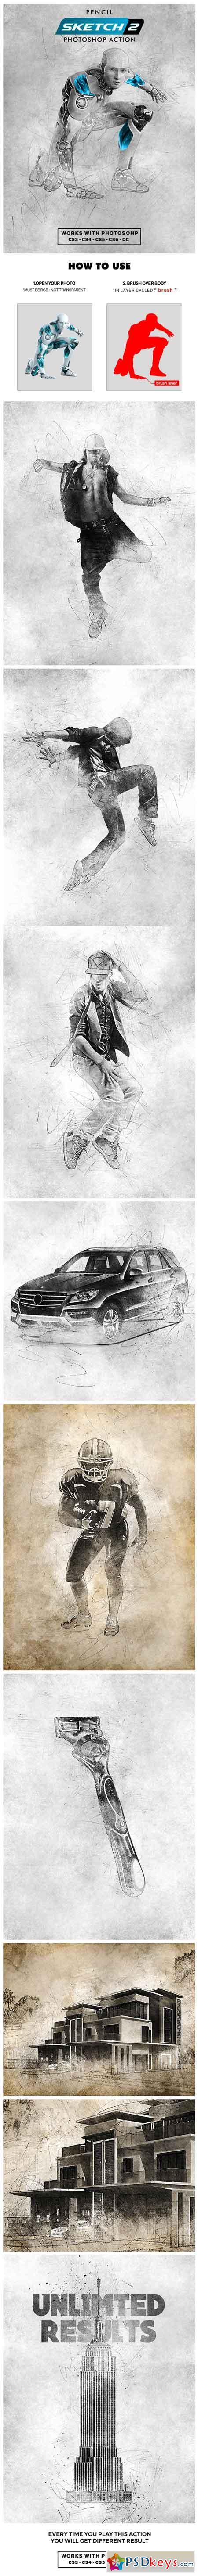 Pencil Sketch 2 Photoshop Action 22727861